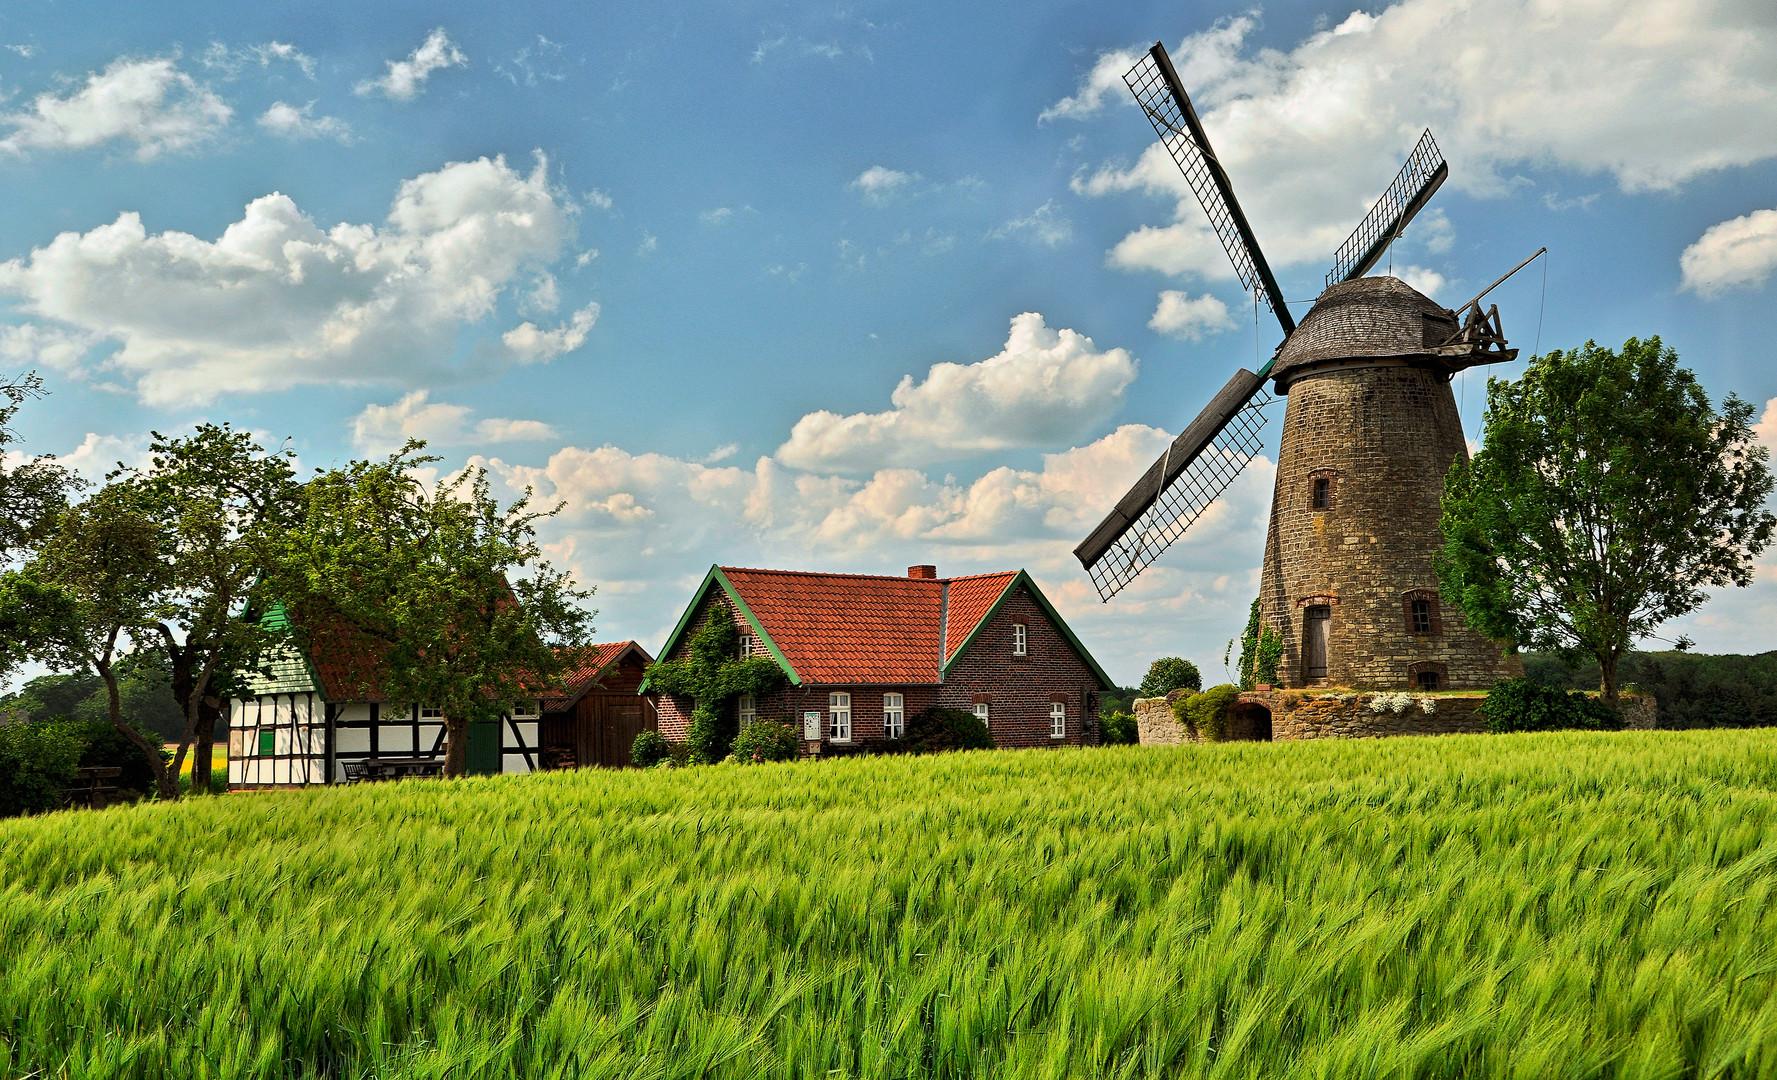 Westhoyeler Mühle